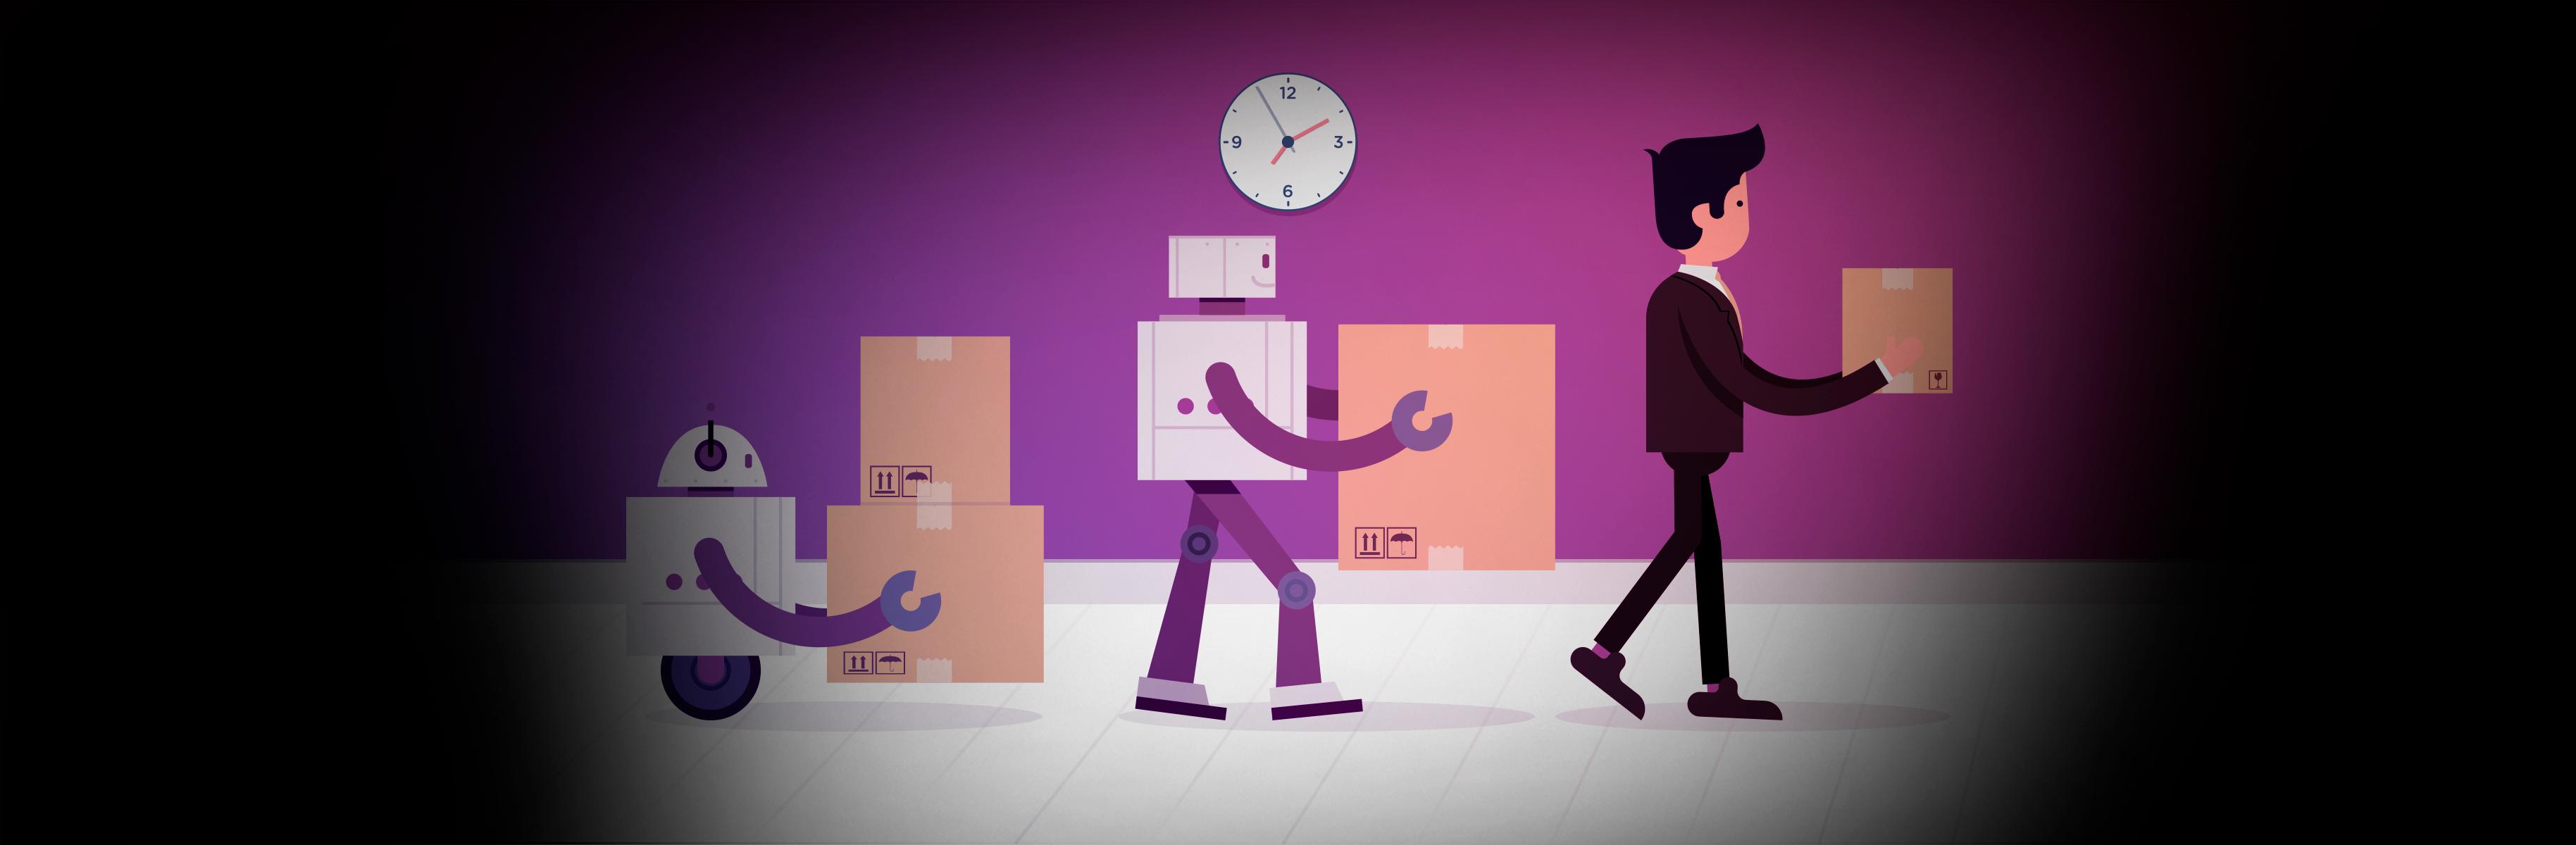 3 vantagens para automatizar os processos do seu negócio